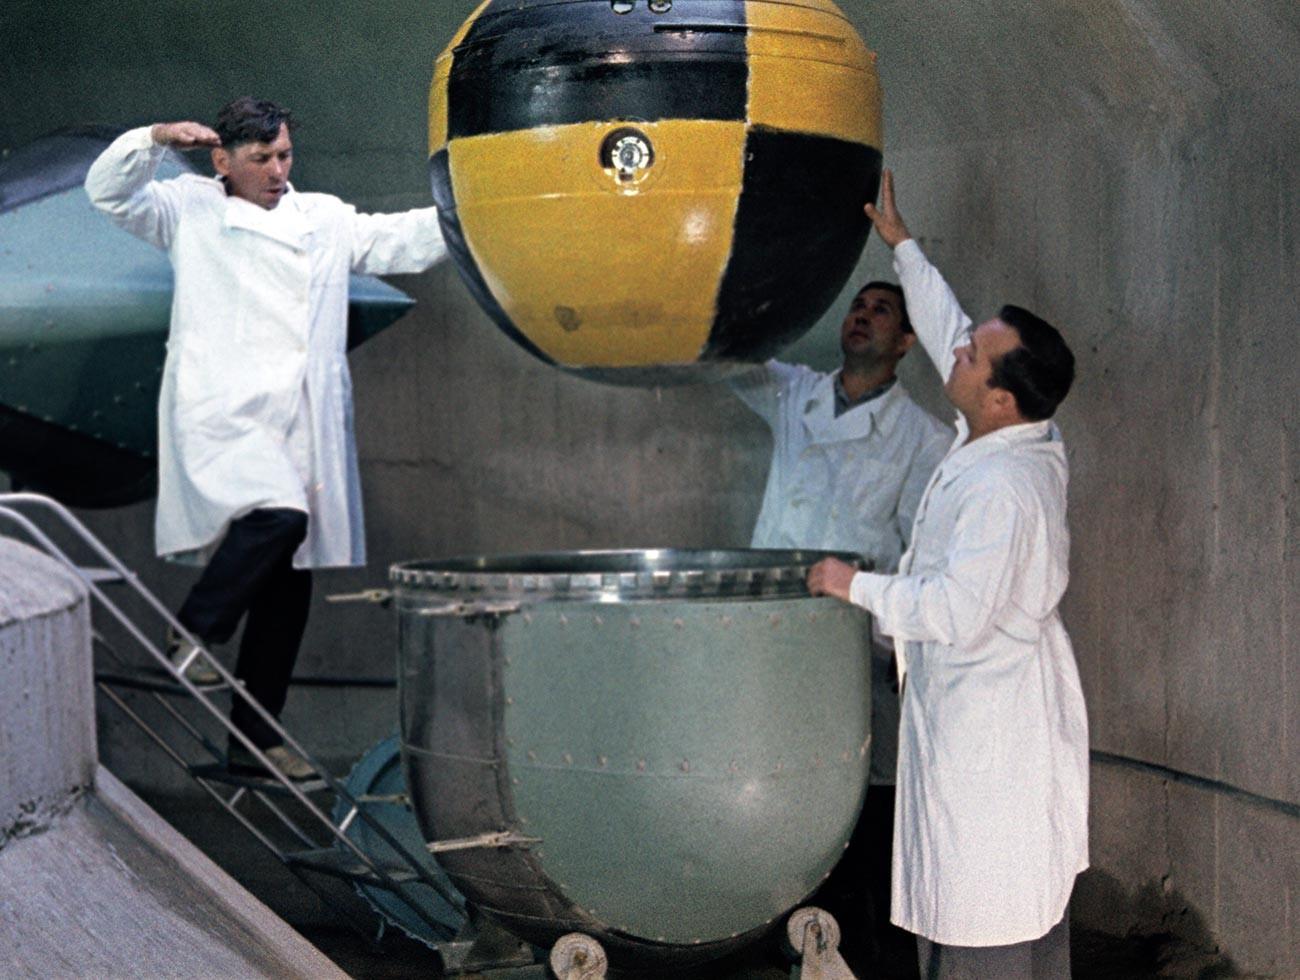 """Истражувачи се подготвуваат со центрифуга да ја тестираат сондата на автоматската меѓупланетарна станица """"Венера"""". Сцена од документарен филм."""